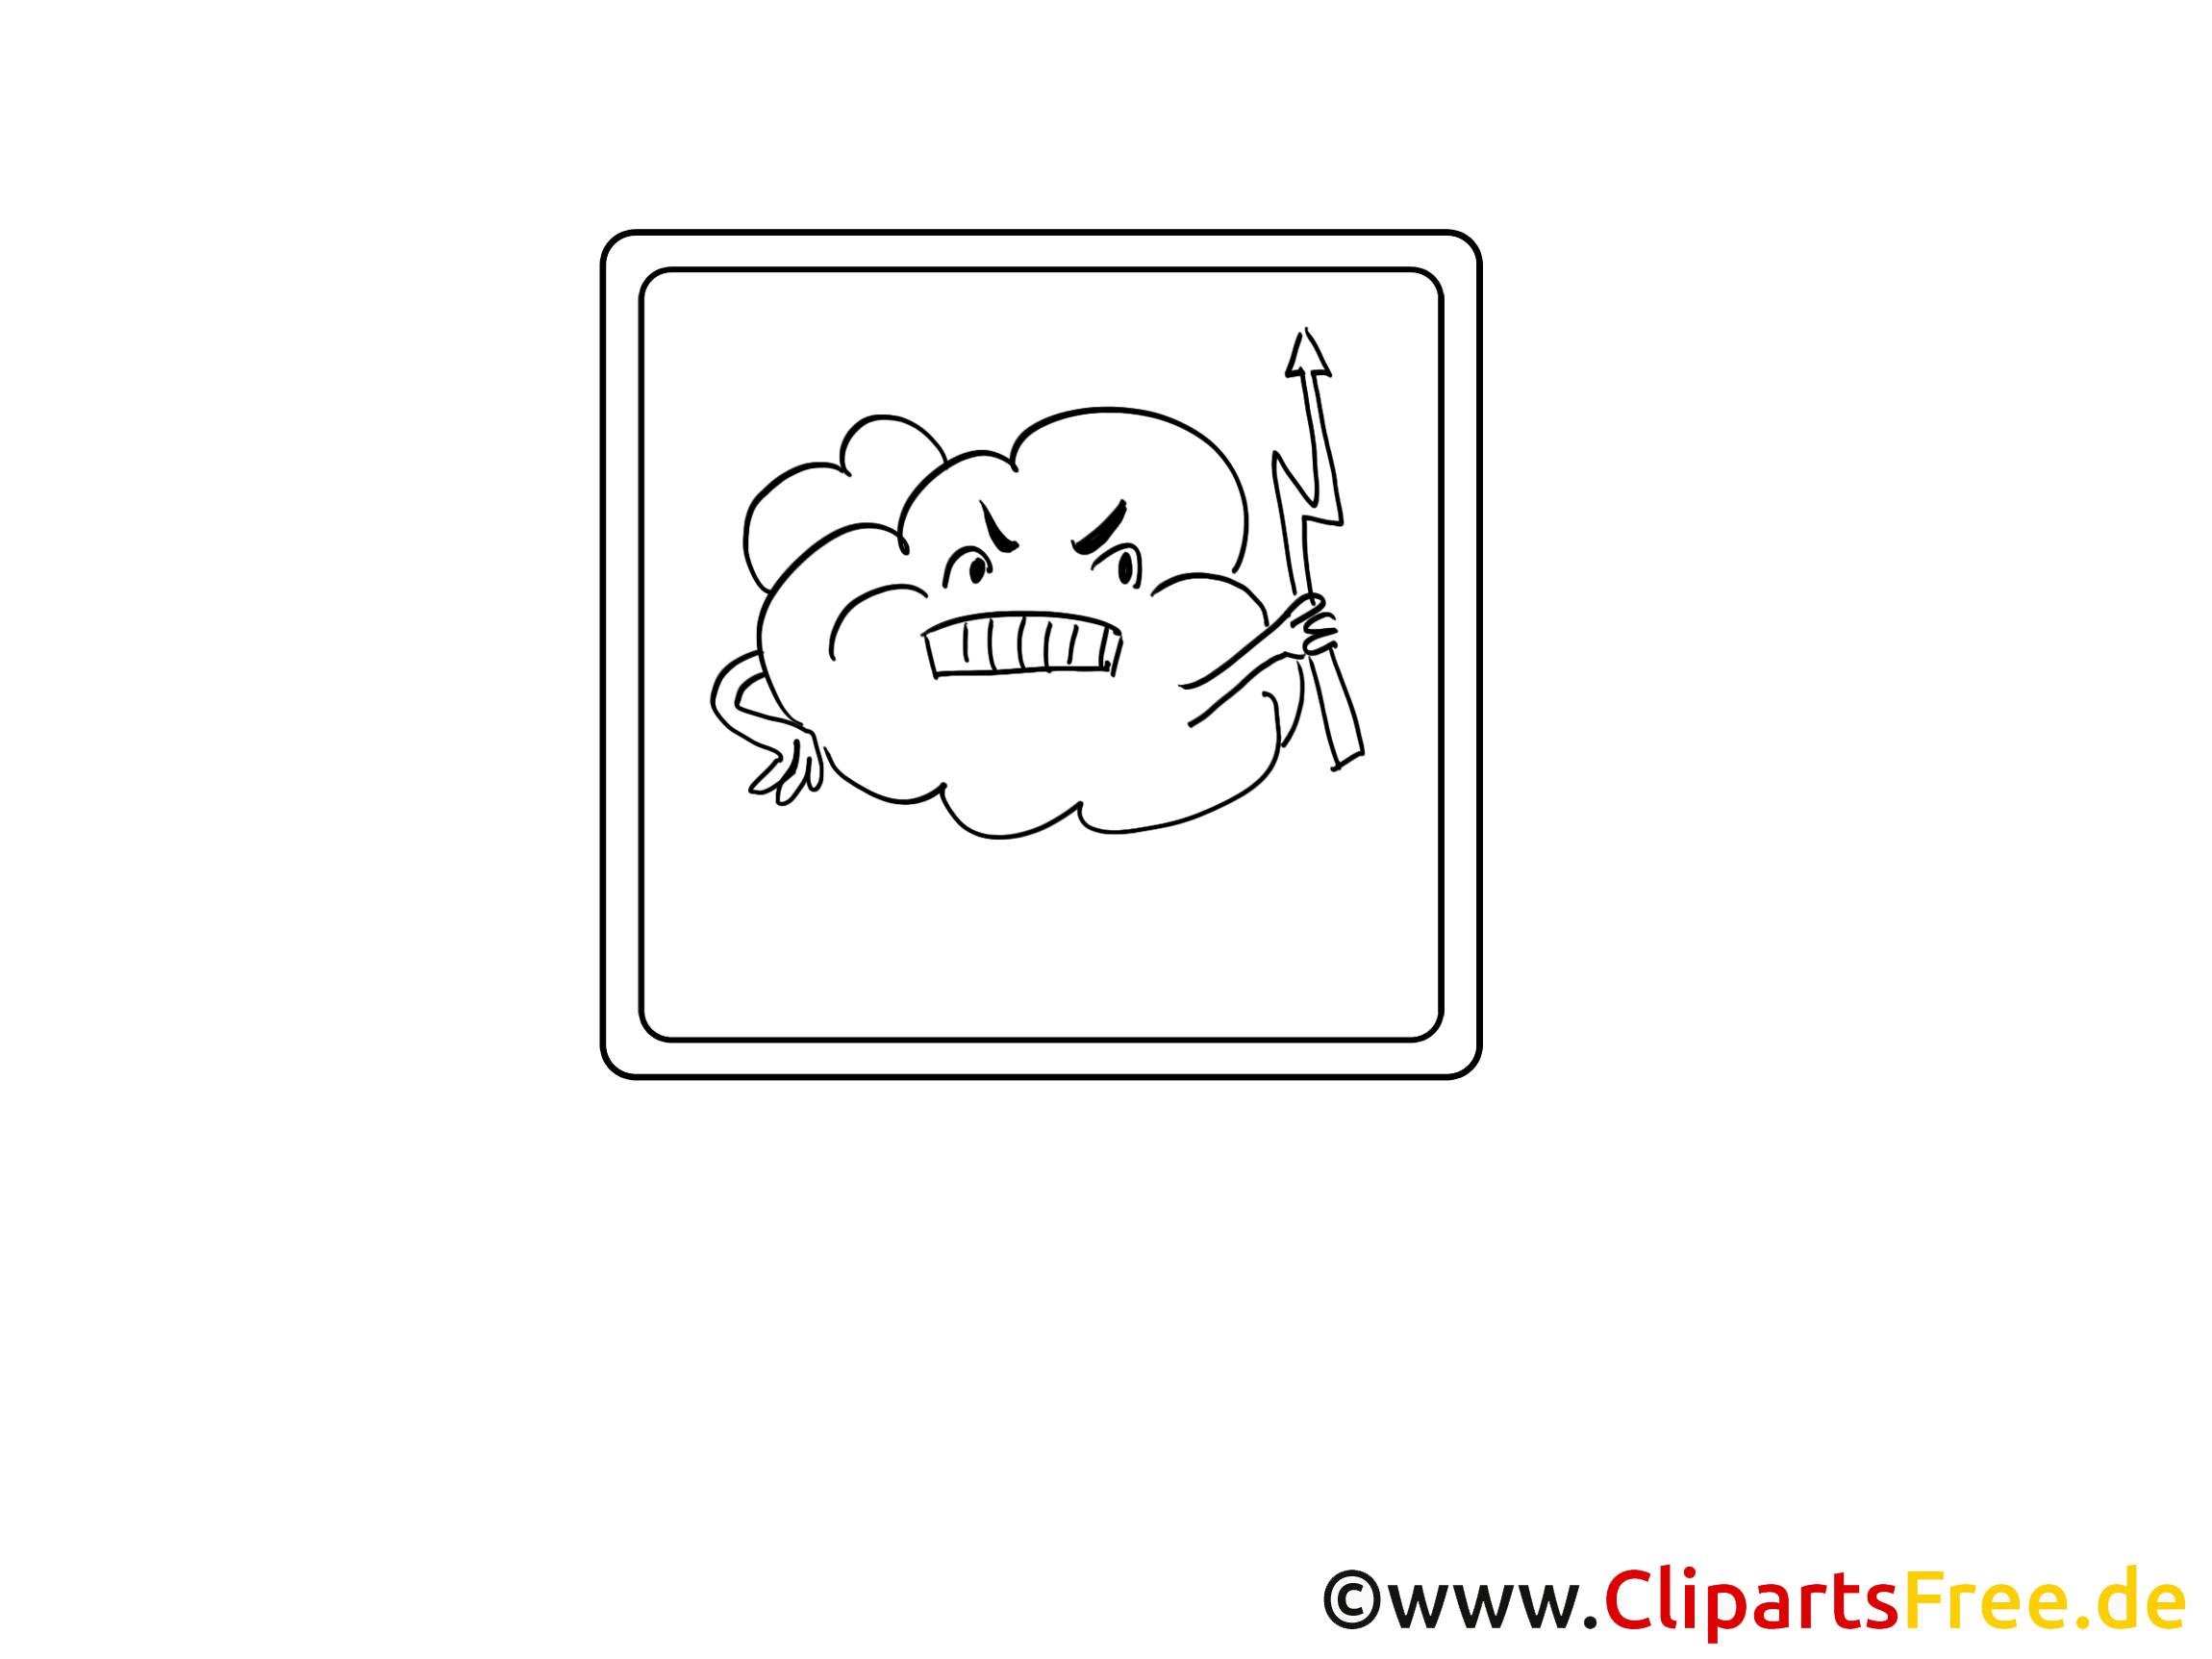 Nuage image à télécharger – Divers à colorier